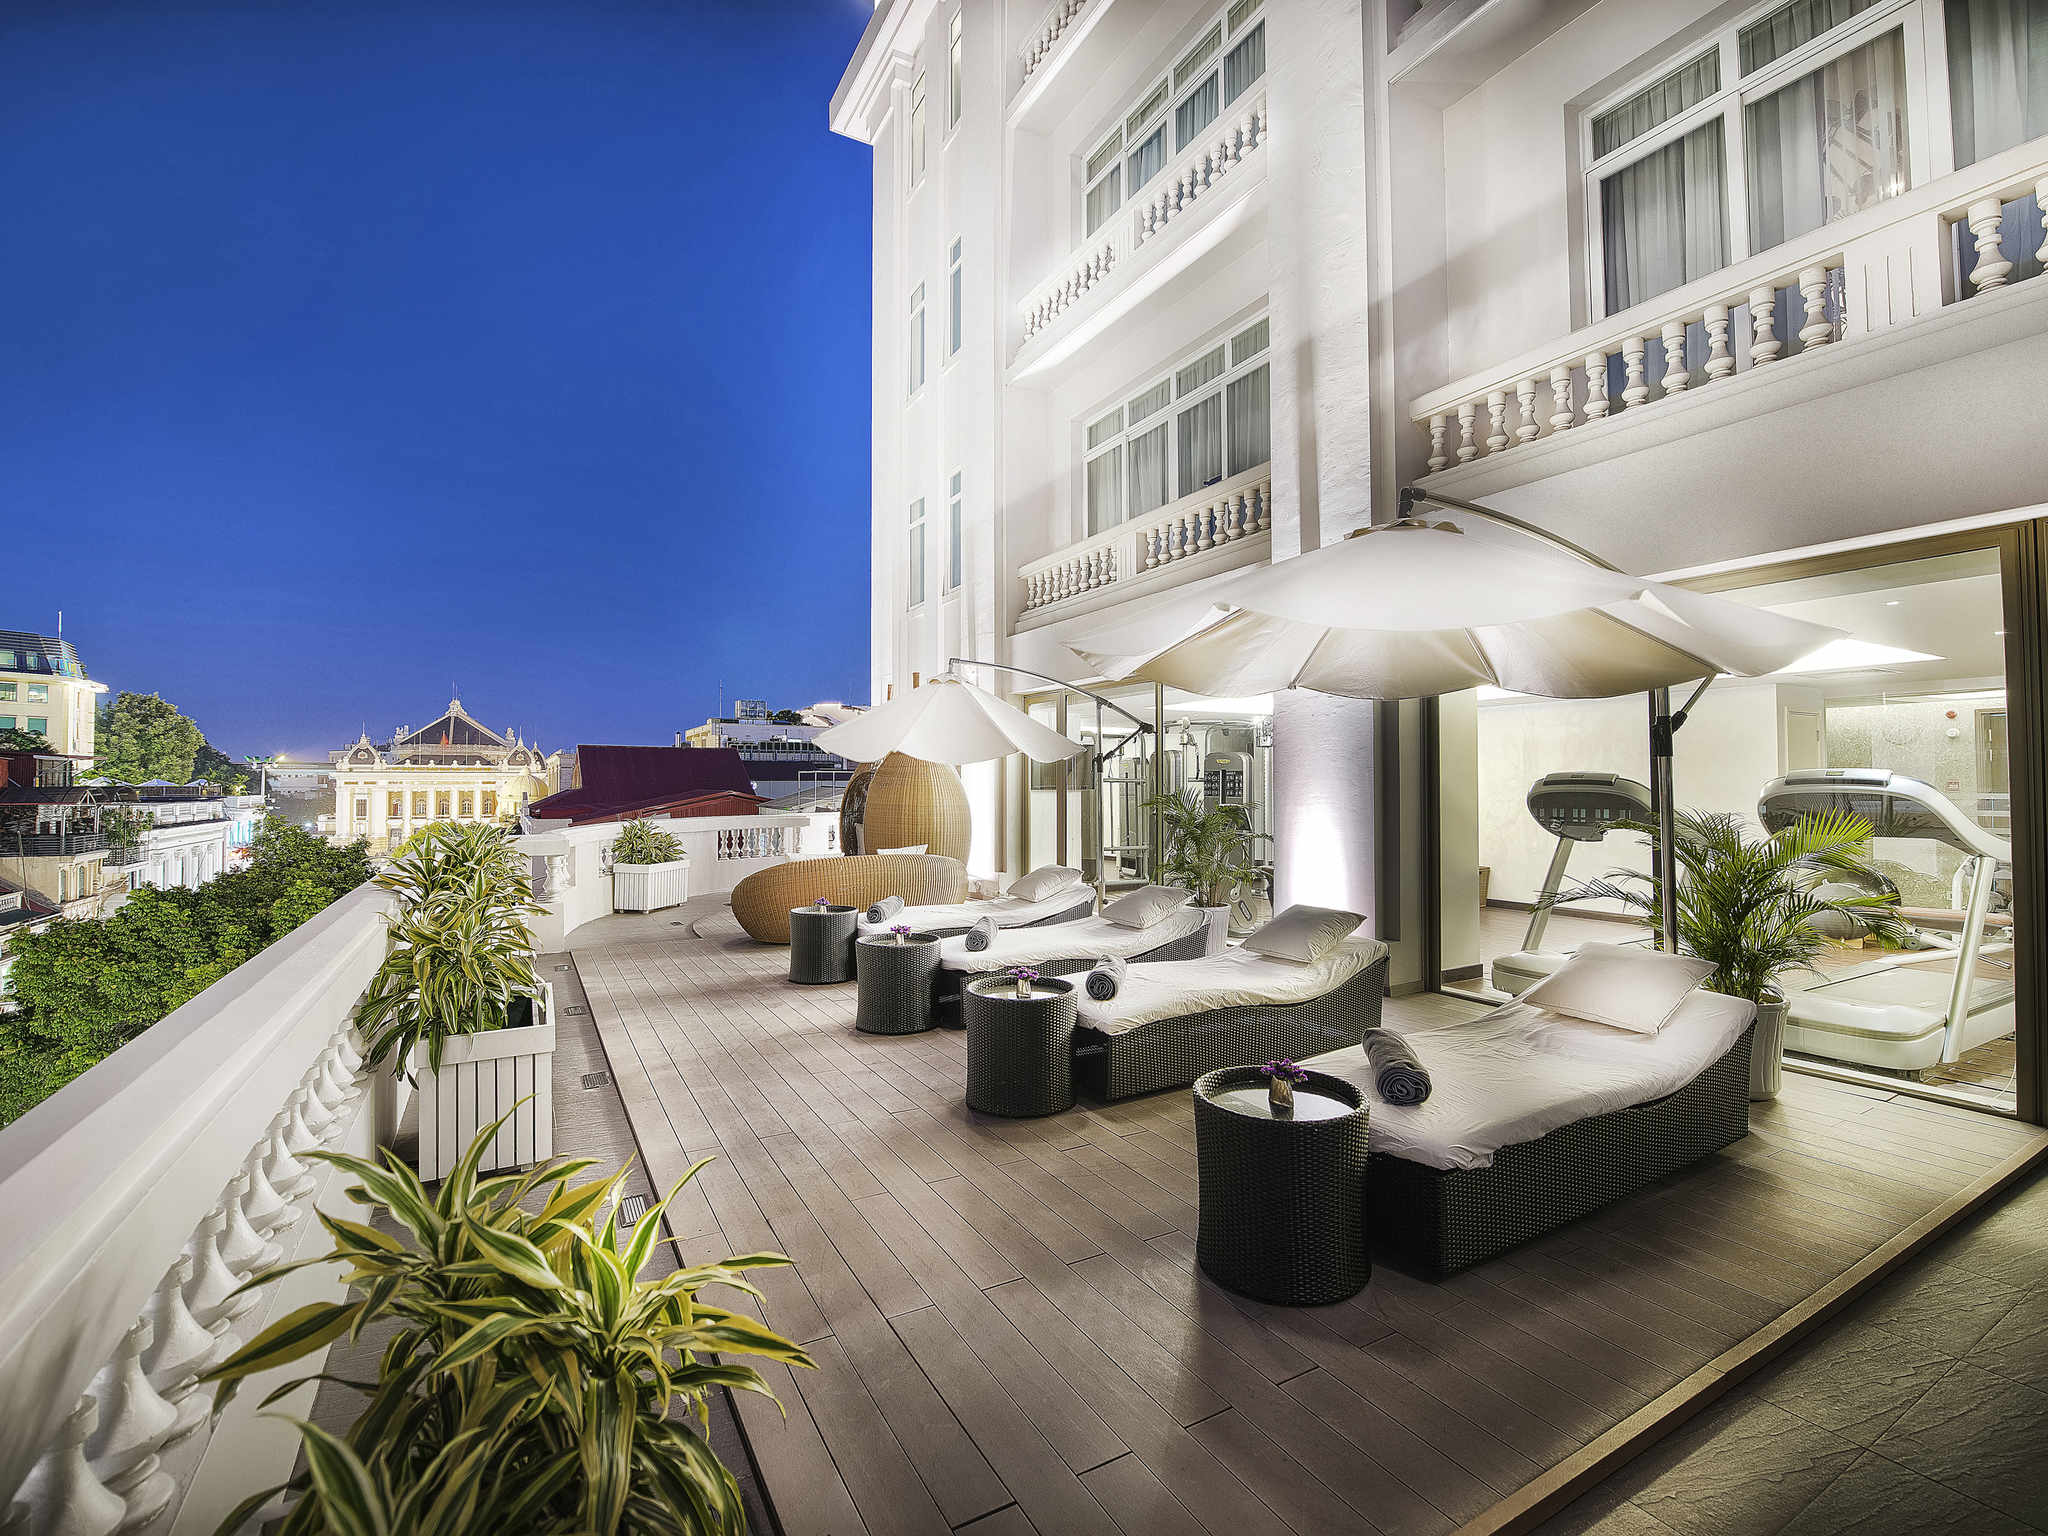 โรงแรม – โรงแรม เดอ โลเปร่า ฮานอย - เอ็มแกลเลอรี่ คอลเลคชั่น